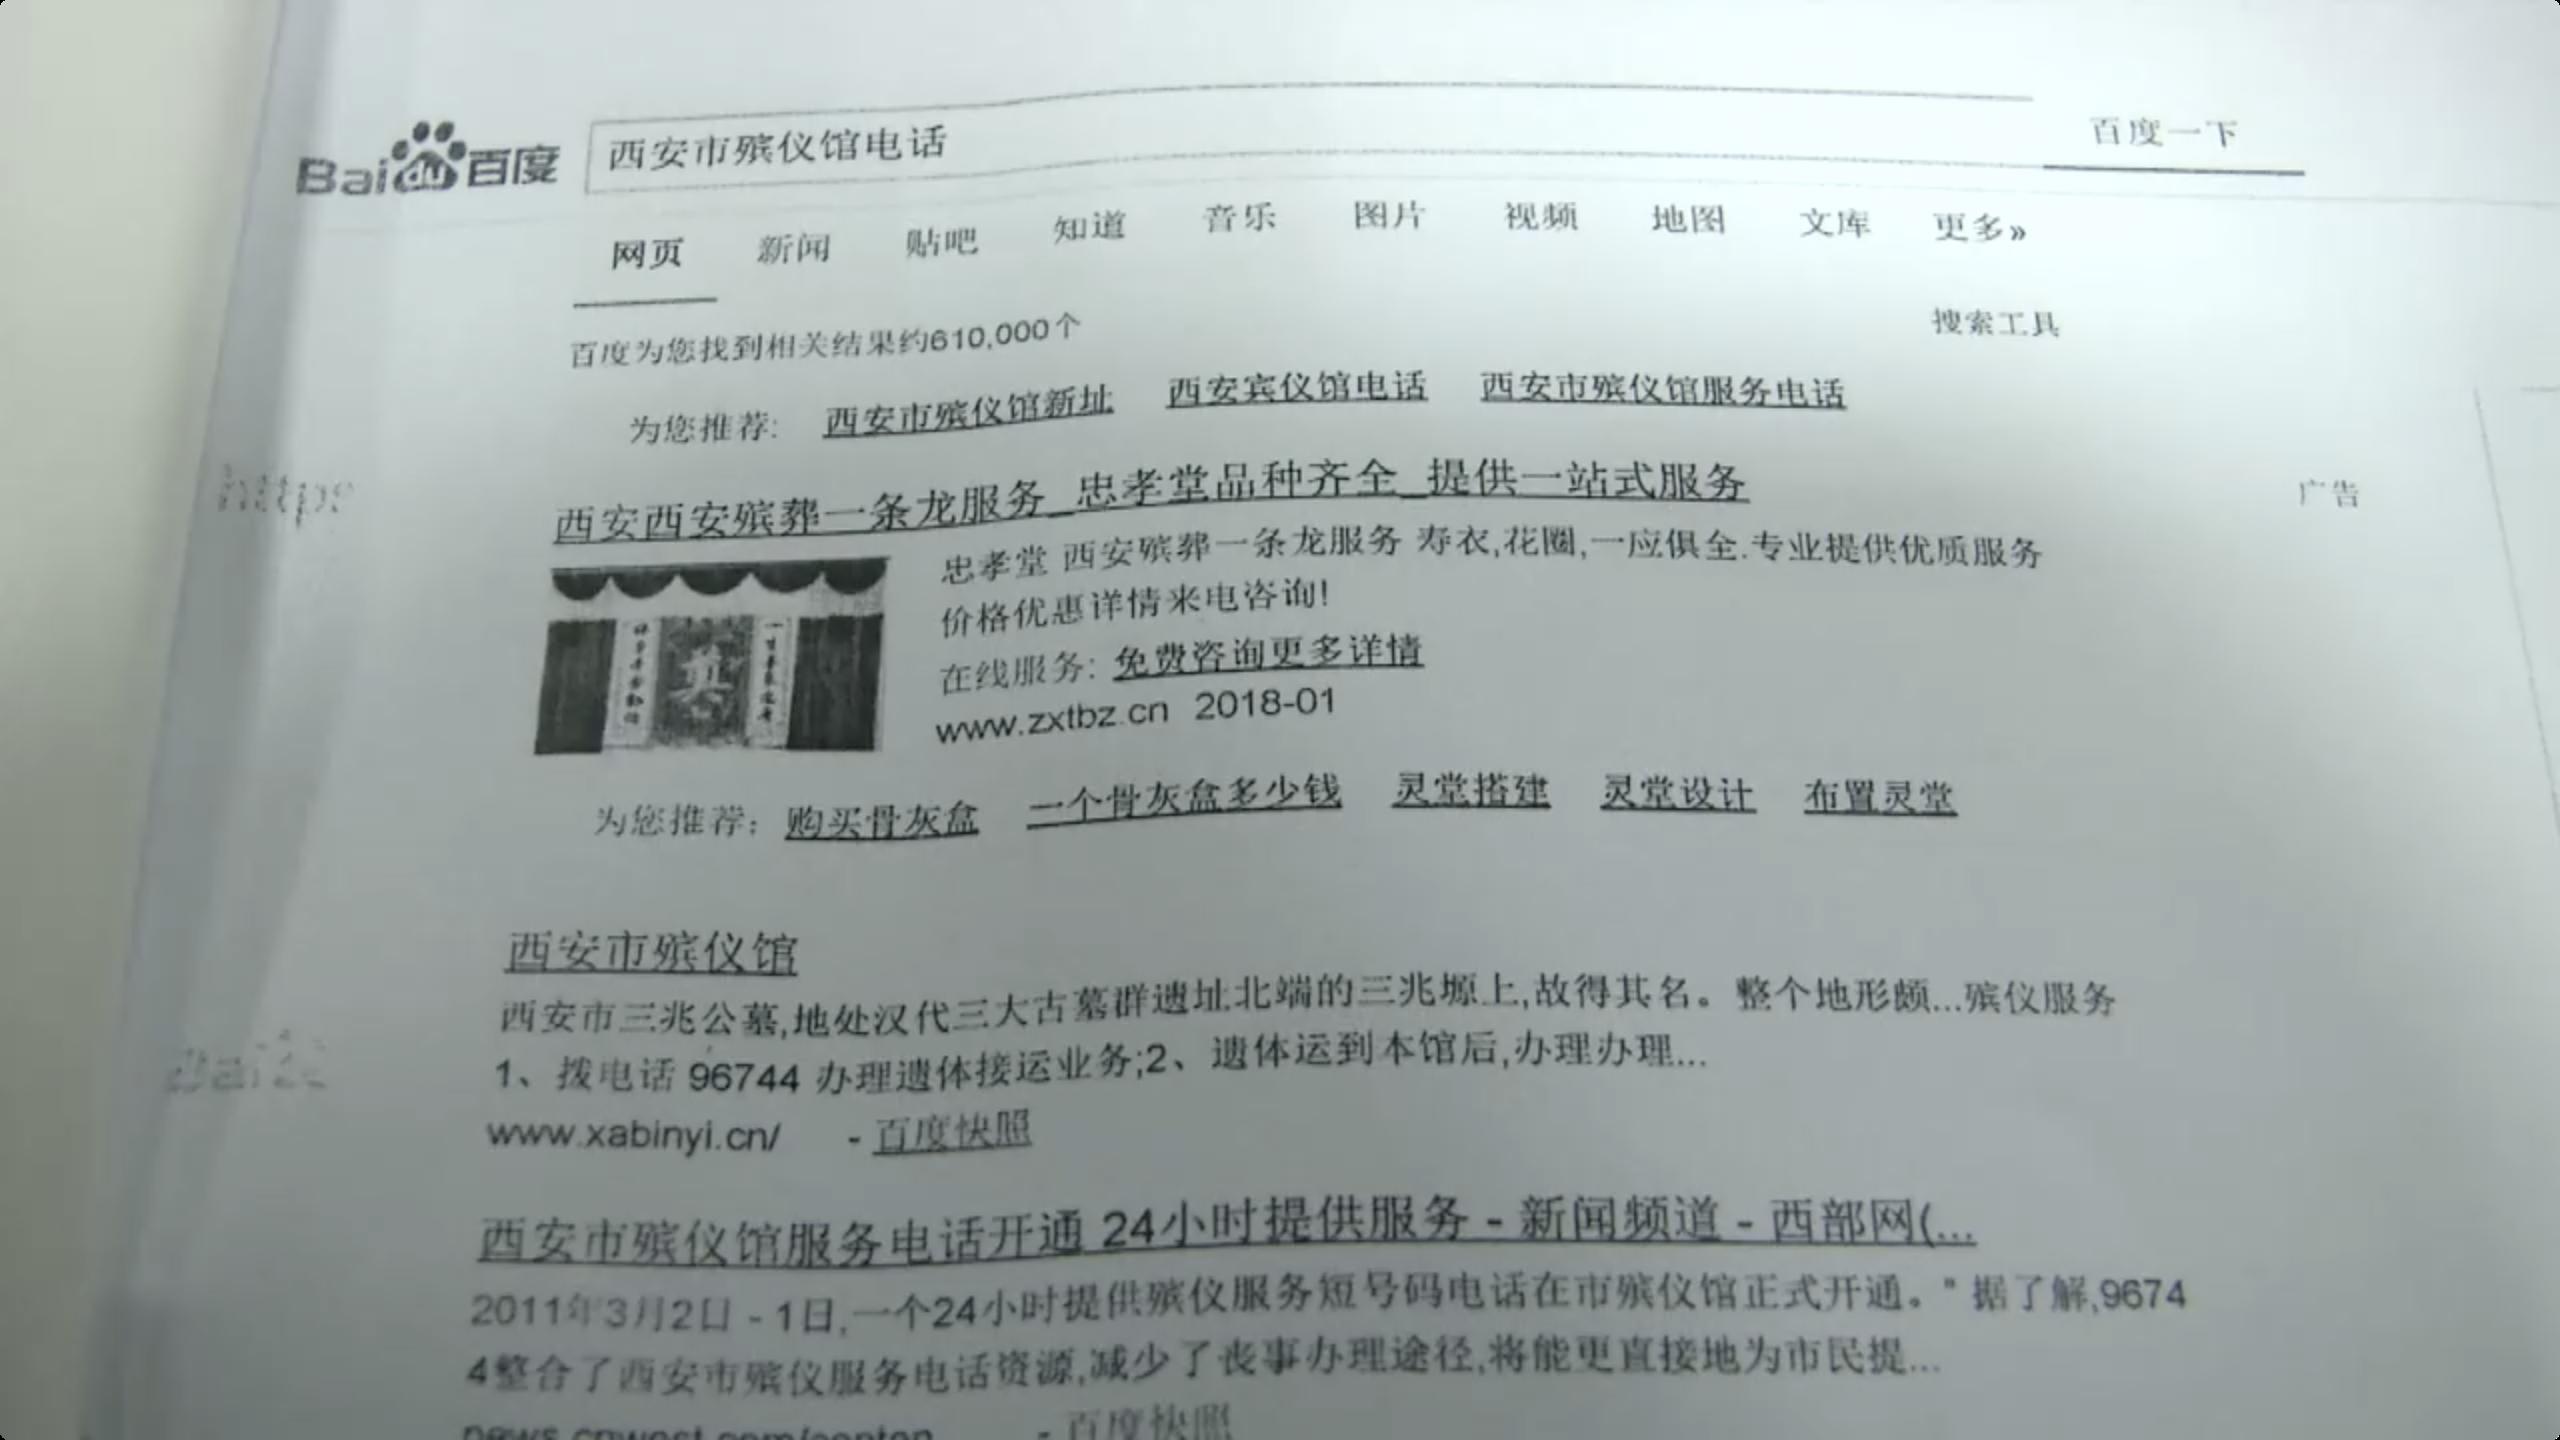 西安市殡仪馆状告百度 要求道歉赔偿一元钱